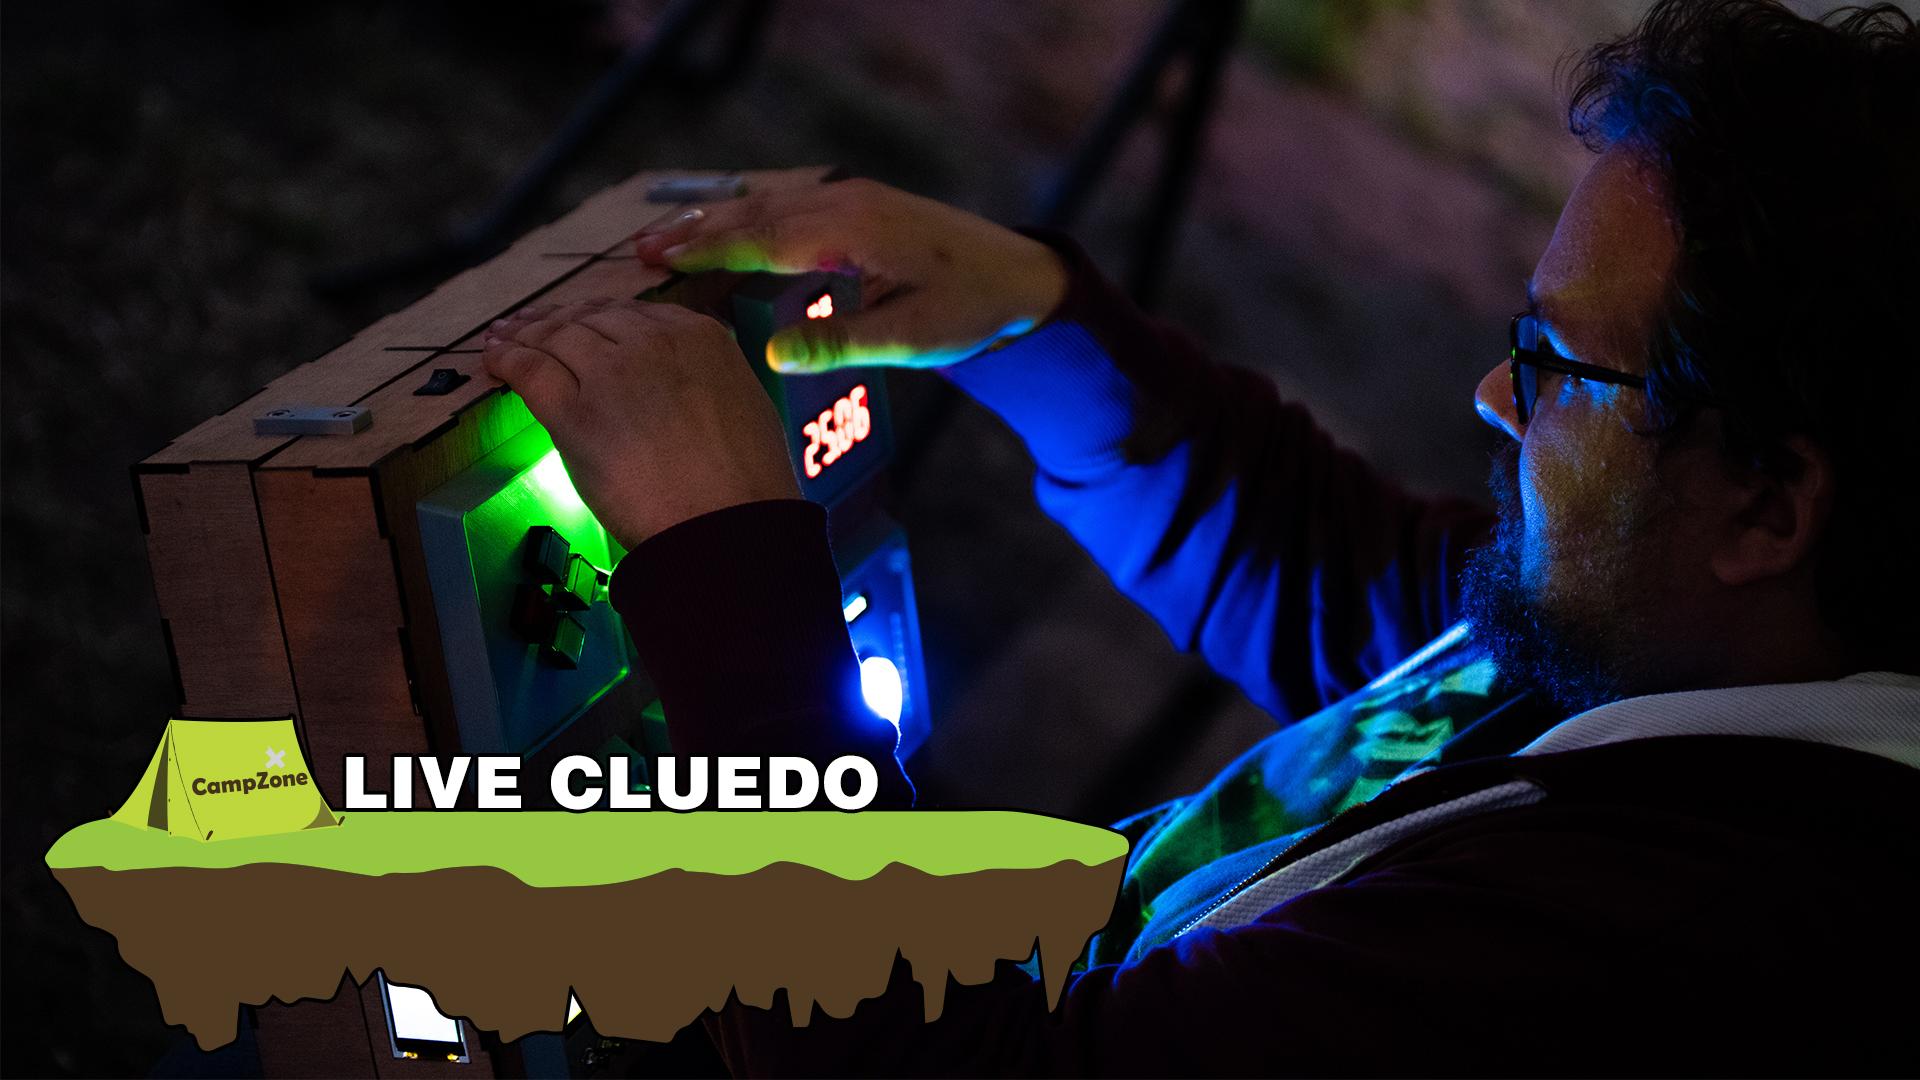 20.00 - Live Cluedo